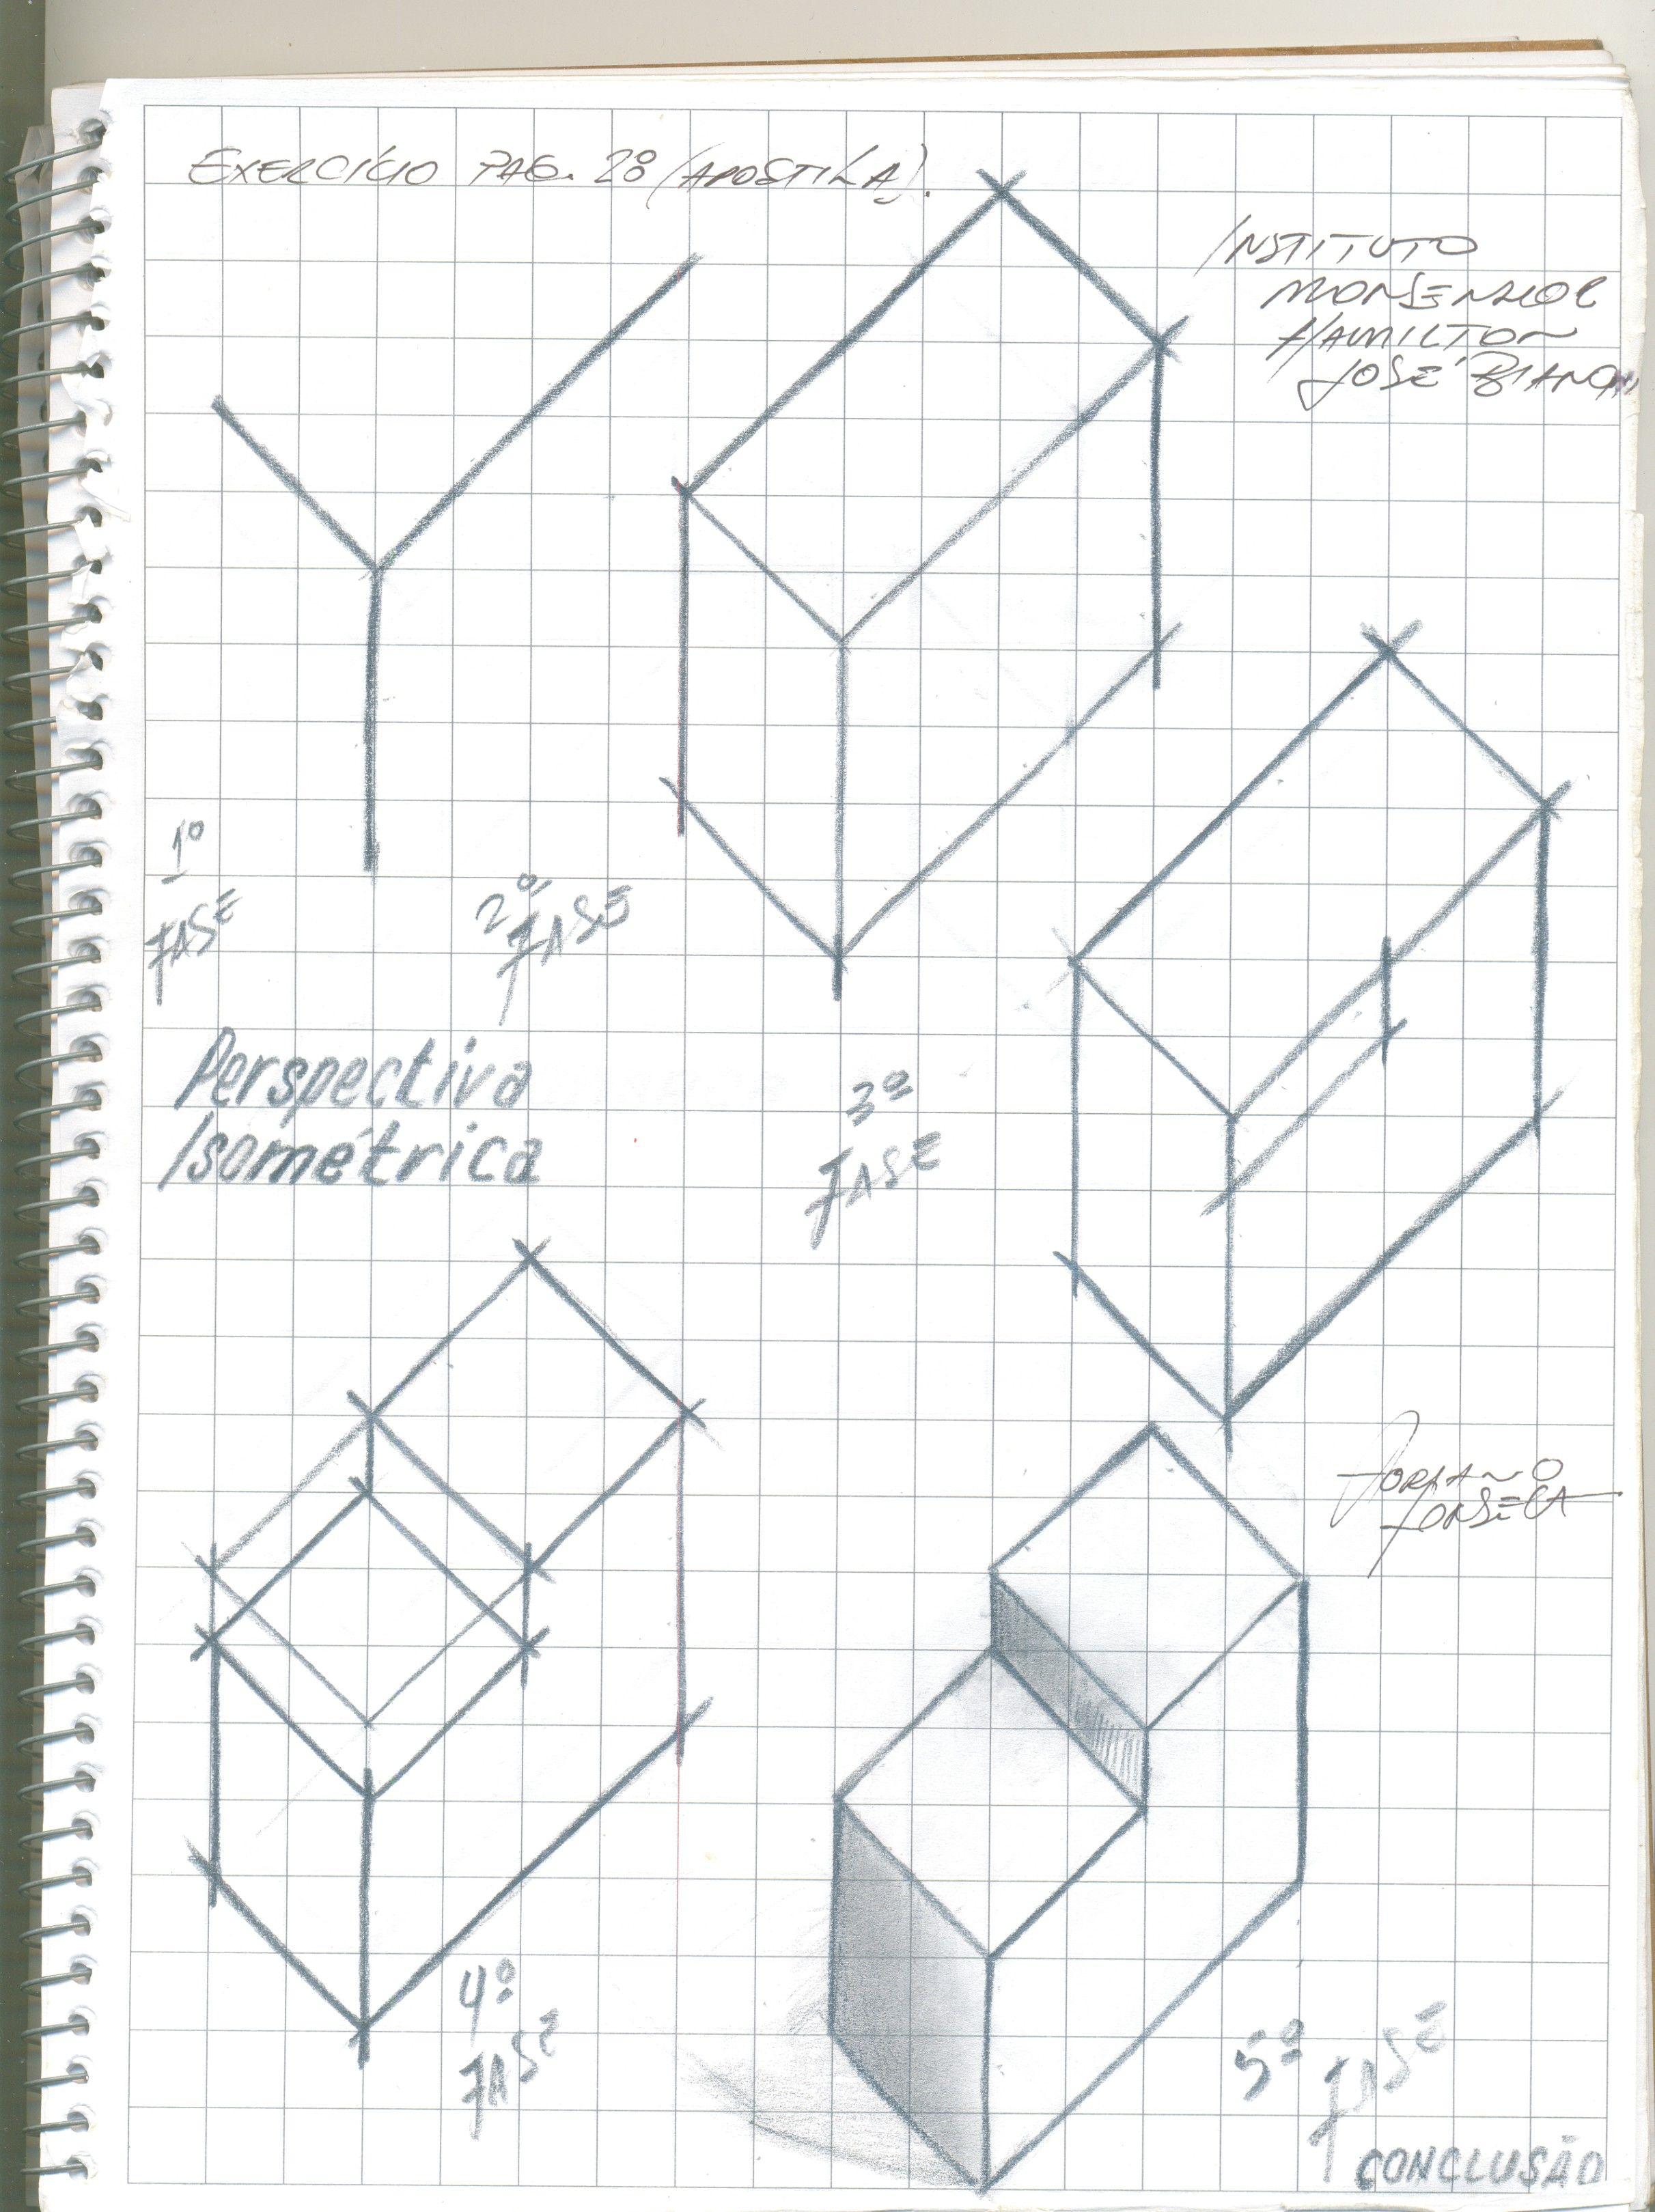 Desenho Técnico - Caderno de Desenho. | Desenhista de Mecânica ...